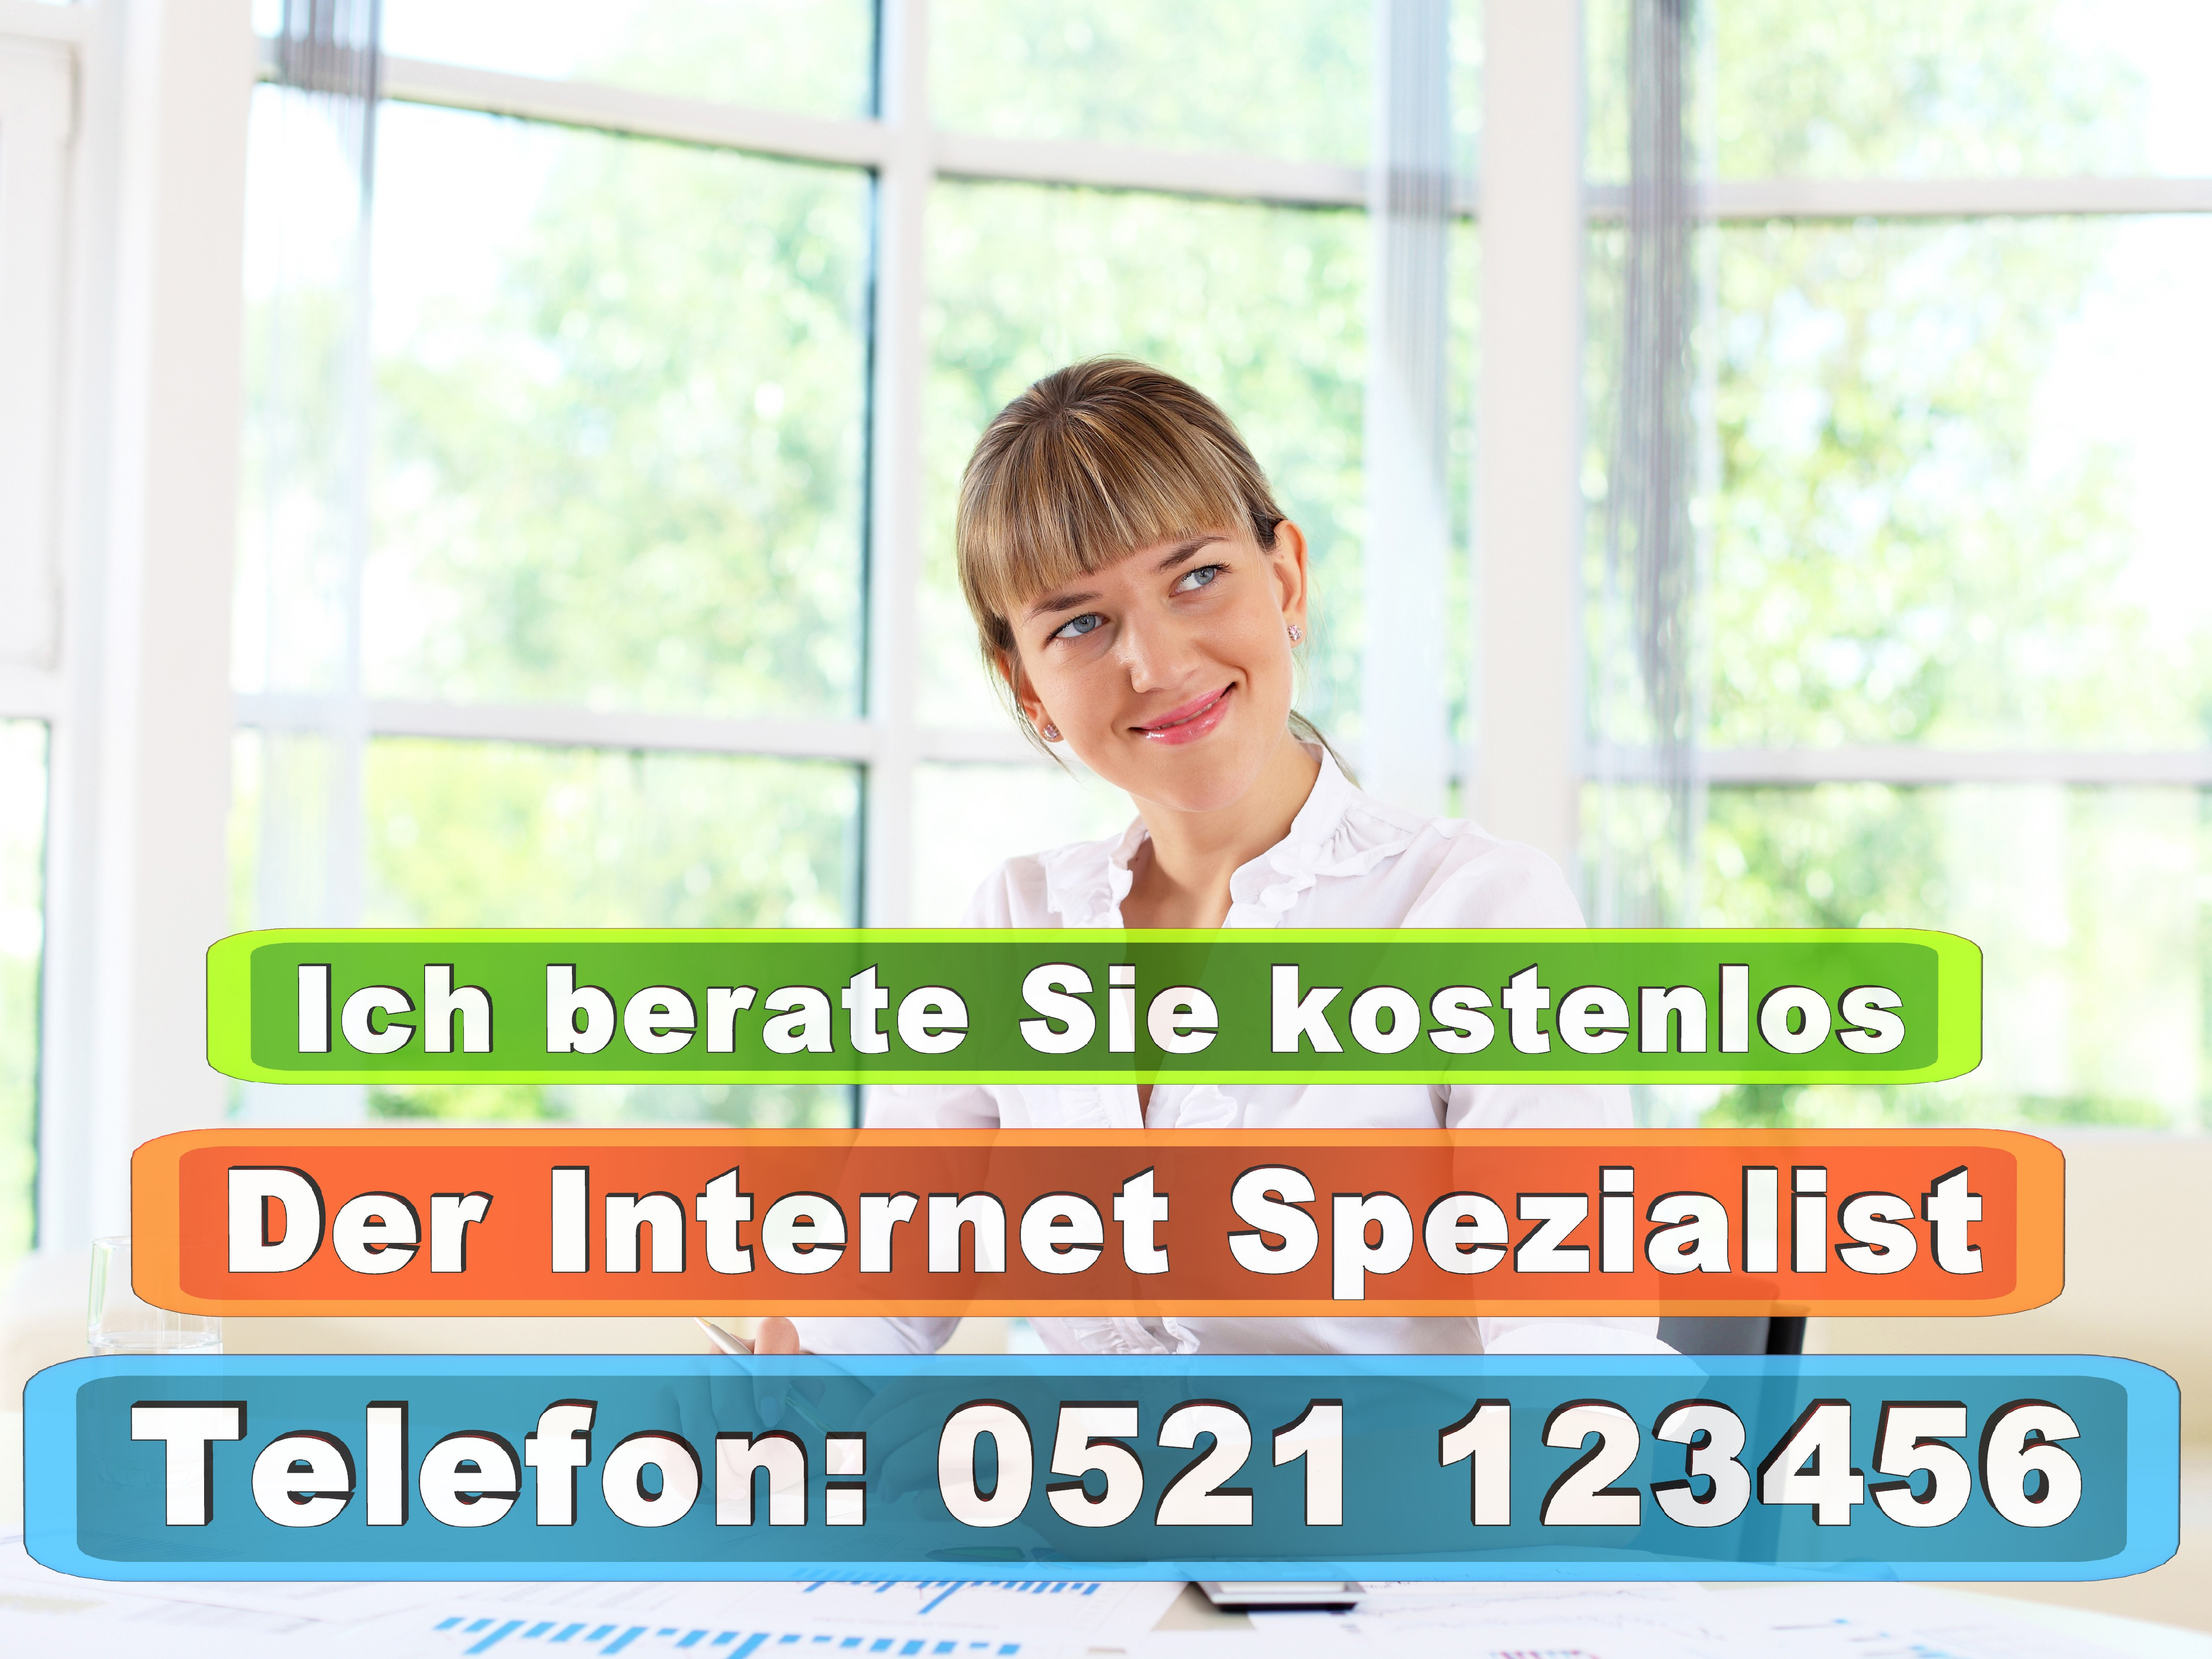 Steuerberater Bielefeld Rechtsanwalt Bielefeld Hausverwaltung Bielefeld Immobilien Bielefeld Architekt Bielefeld Büro Versicherungen (26)